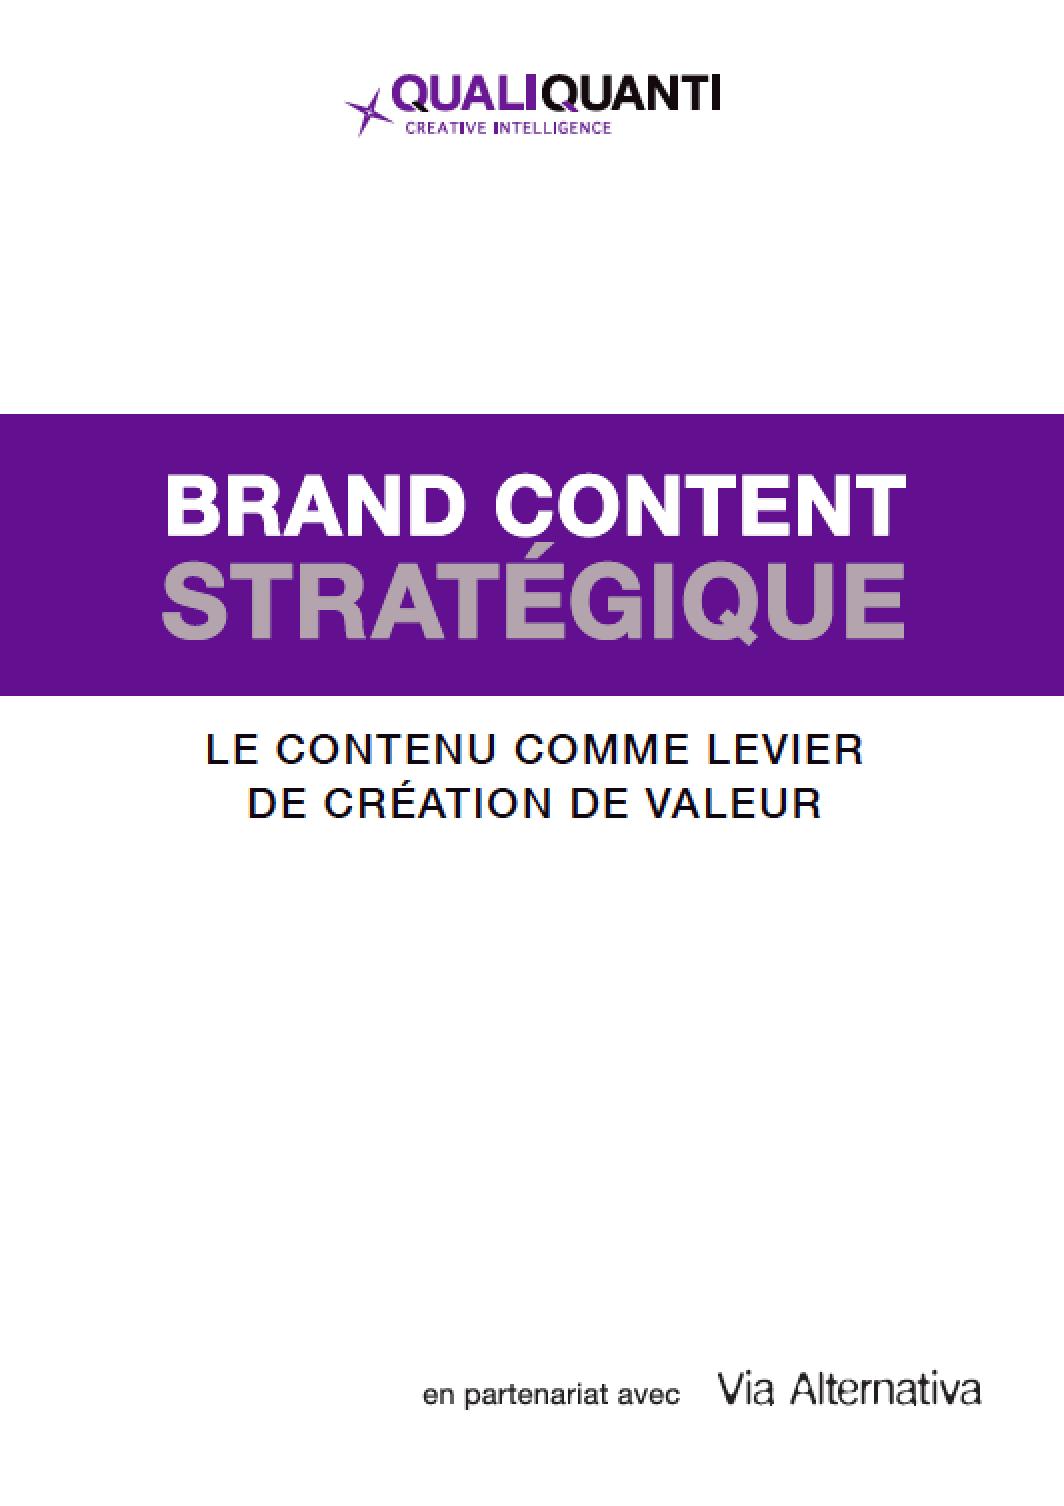 Brand Content Stratégique : Le contenu comme levier de création de valeur